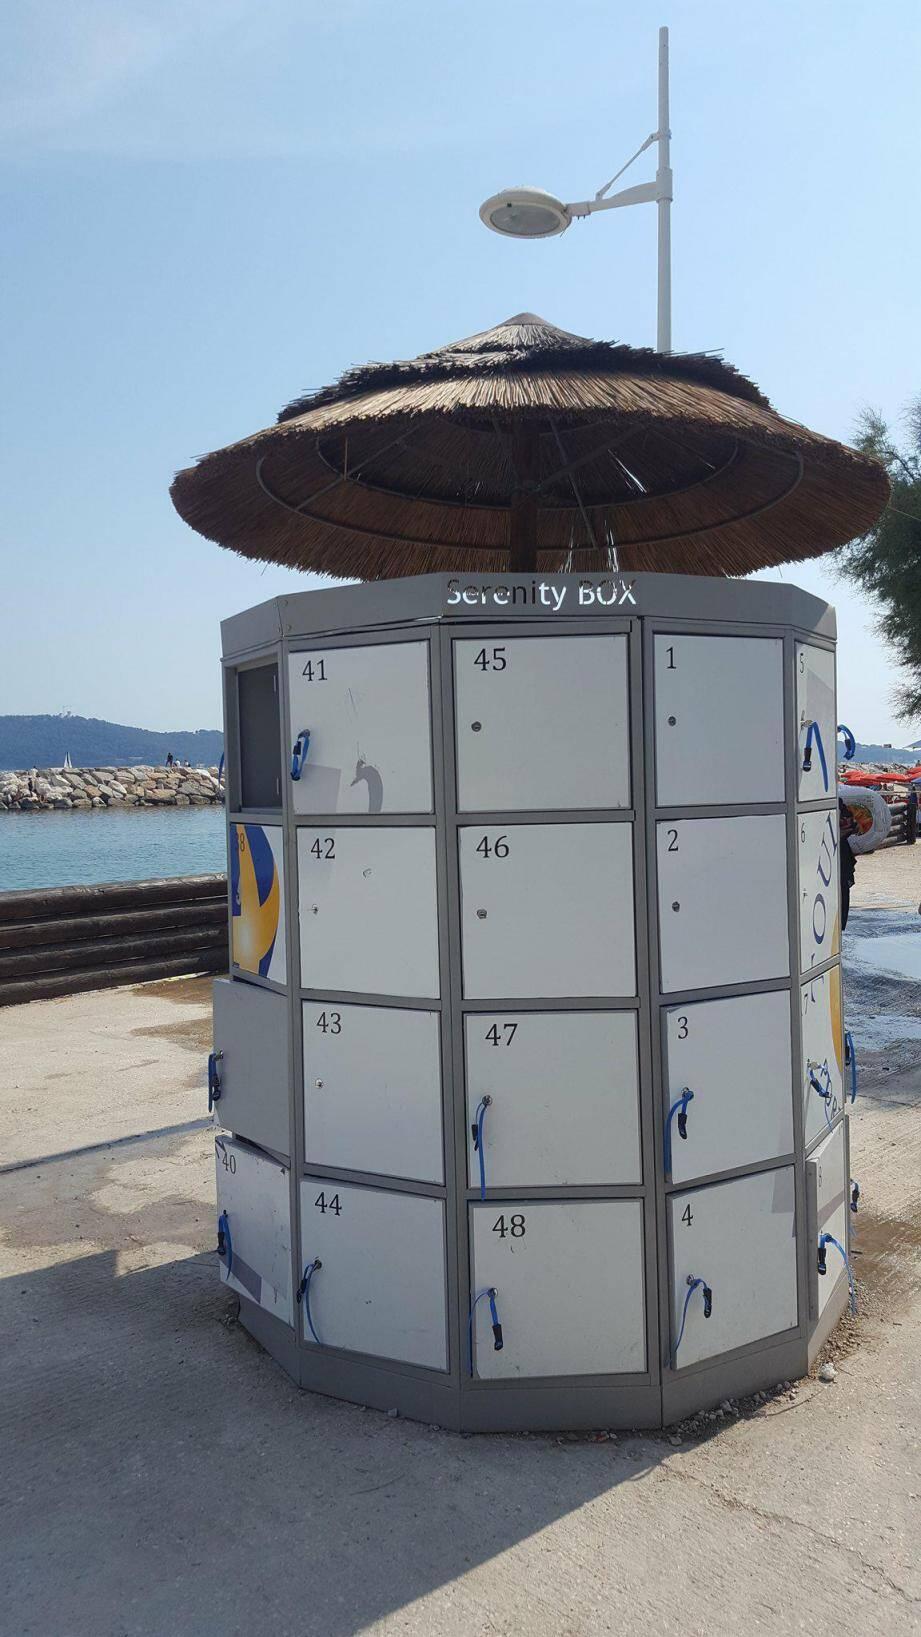 Trois serenity box sont disponibles sur les plages.